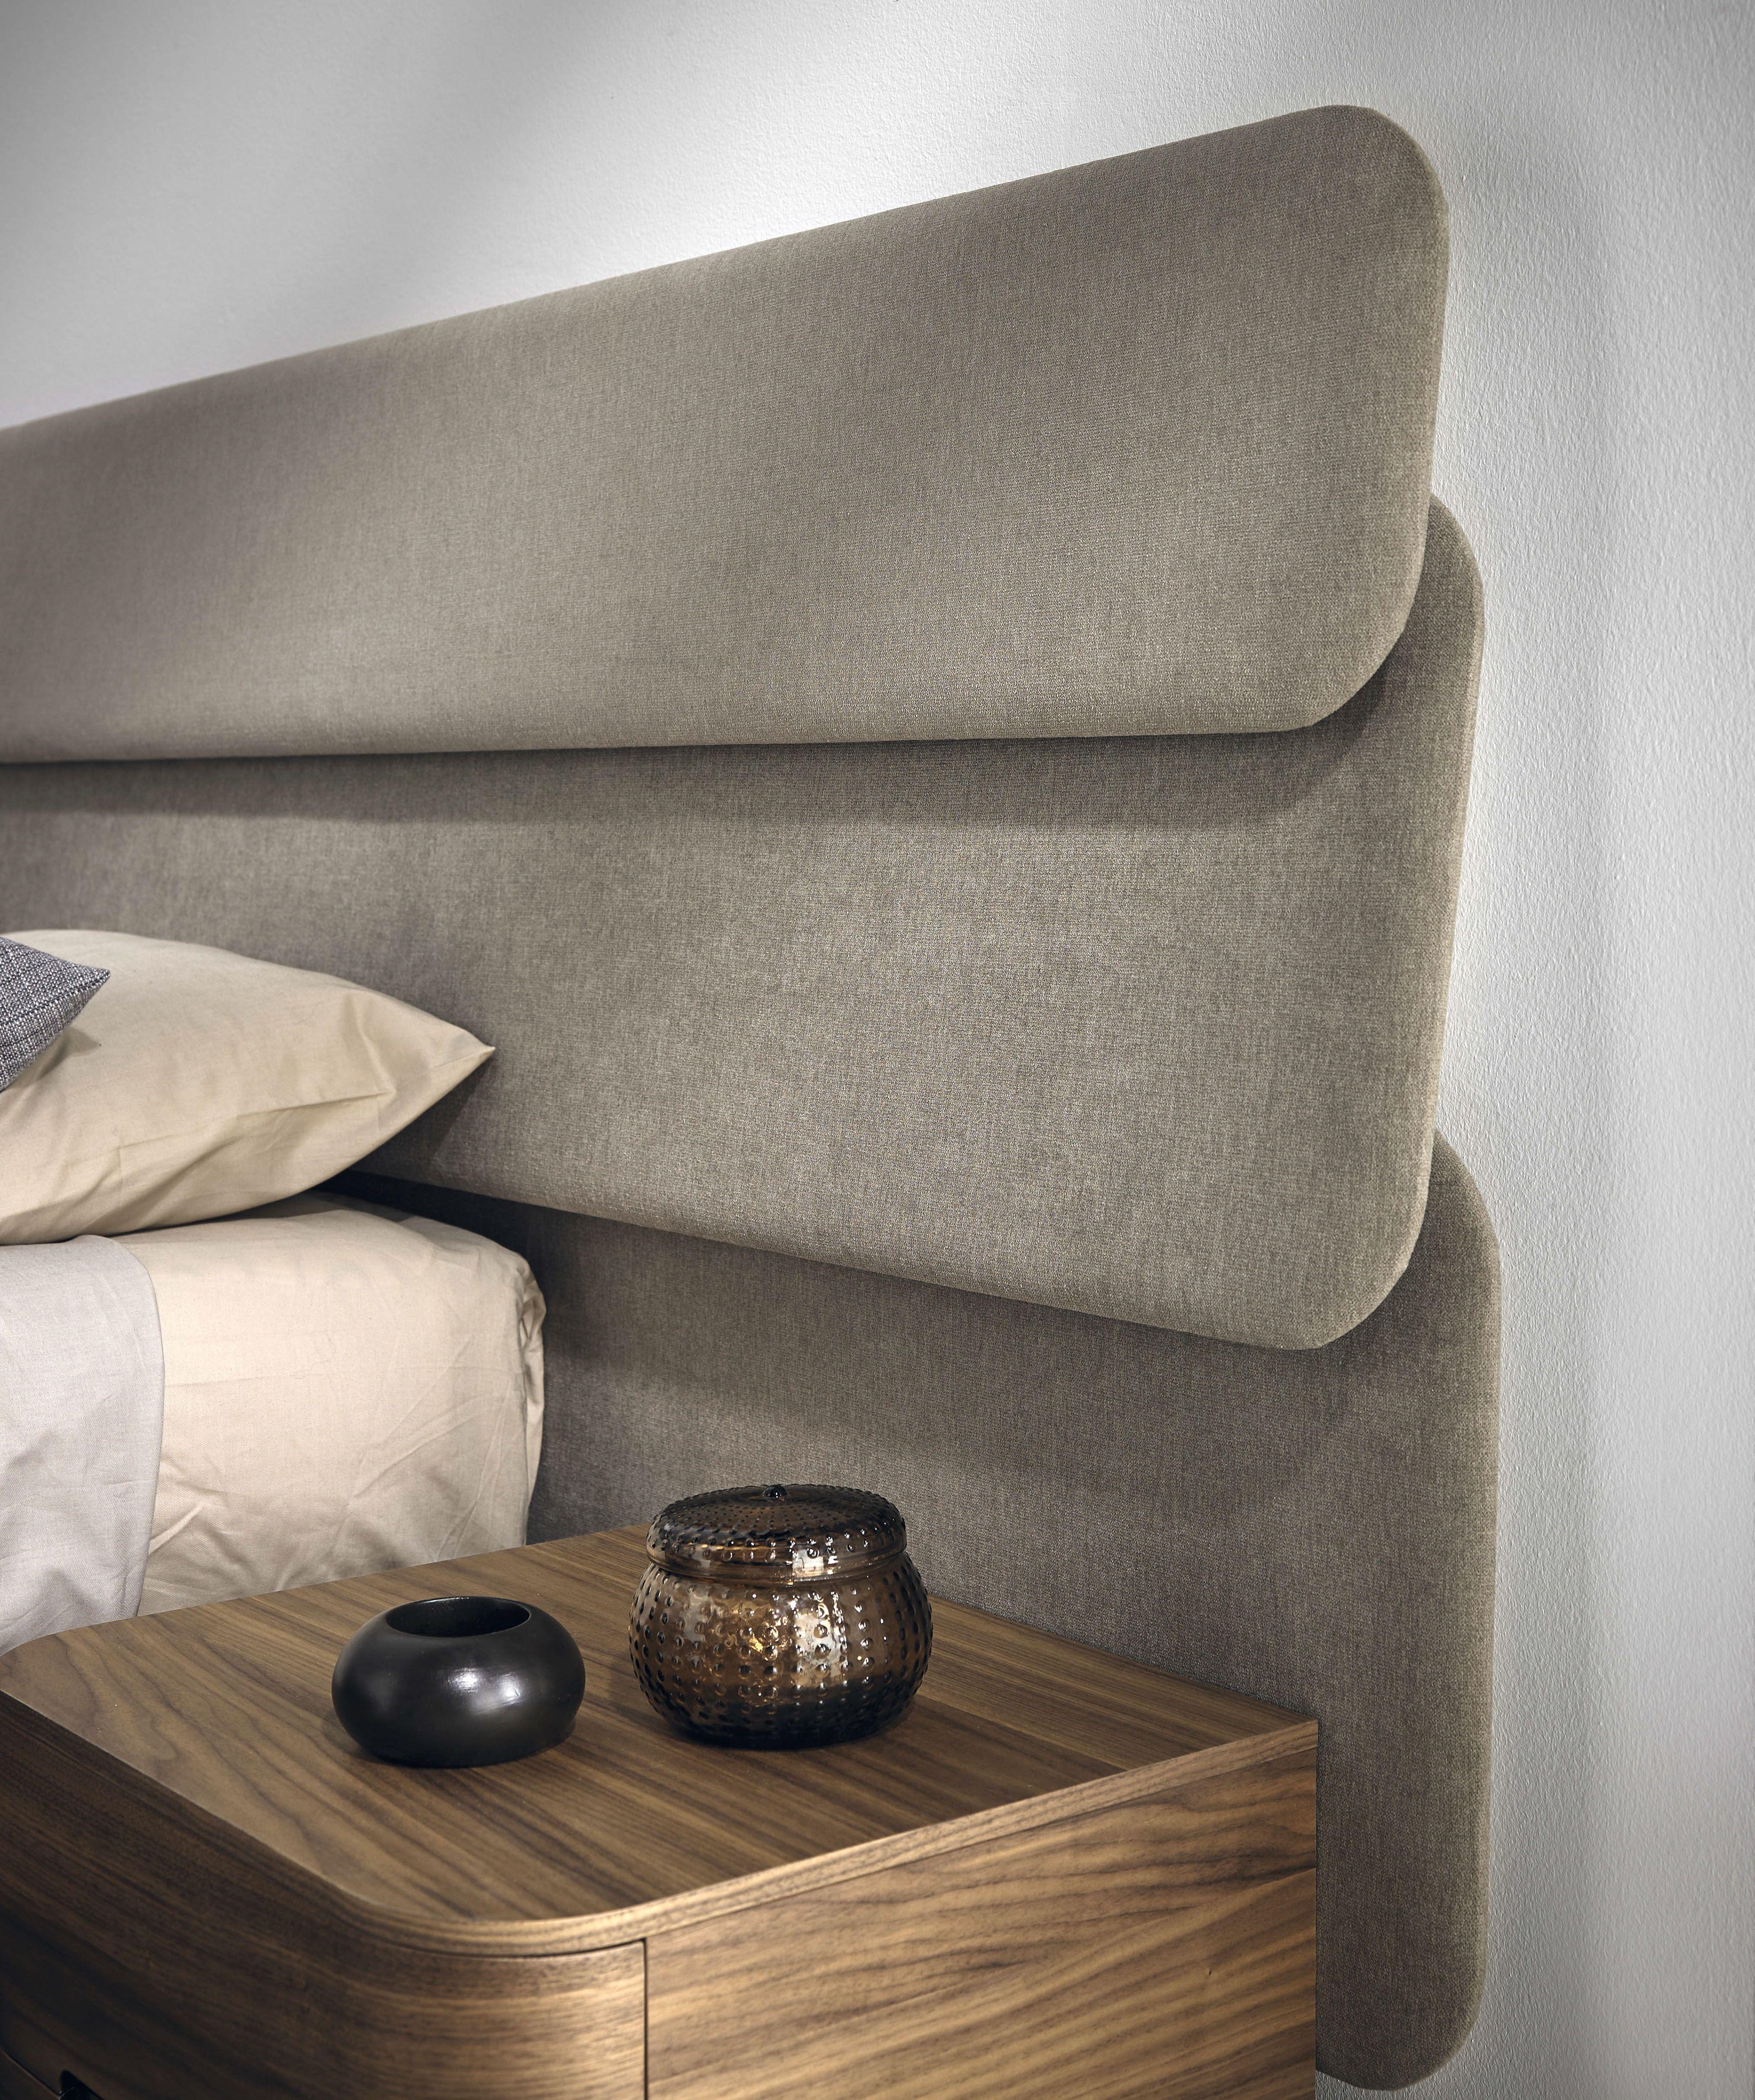 Las Sensaciones De Tranquilidad Y Calma Que Sugiere La Horizontalidad De Una Linea Son El Punto De Part Bed Headboard Design Bed Back Design Bedroom Bed Design